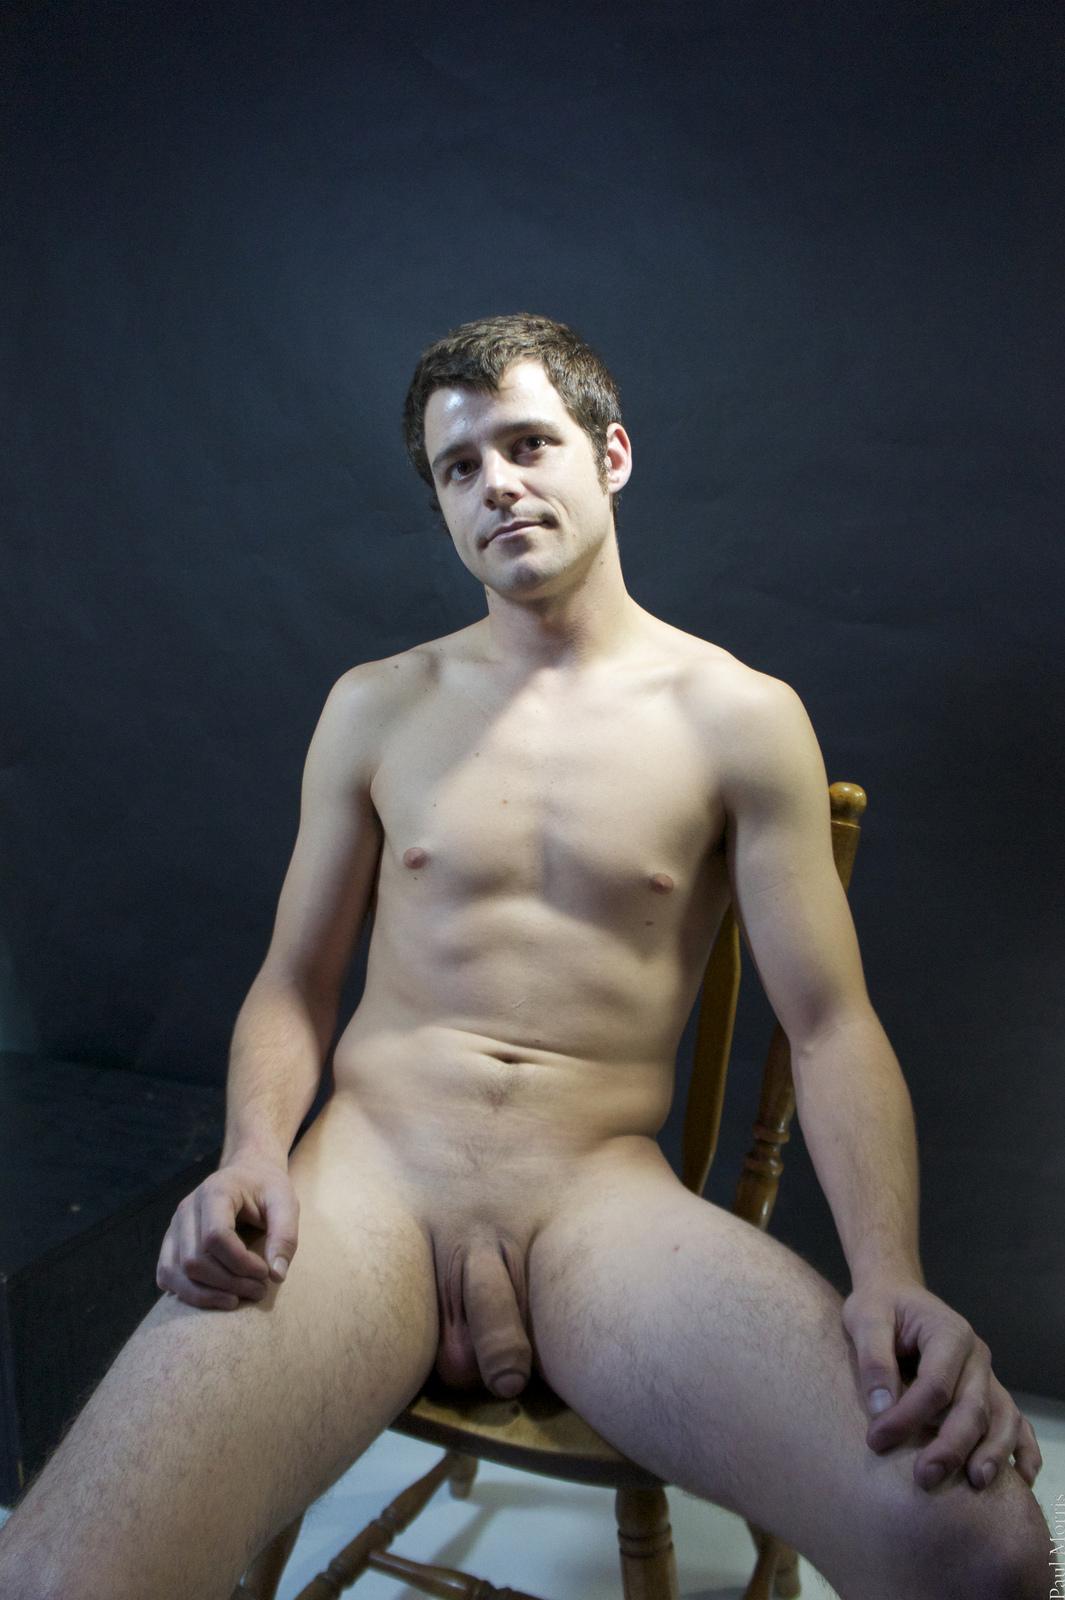 Photo d'un homme nu de 35 ans imberbe